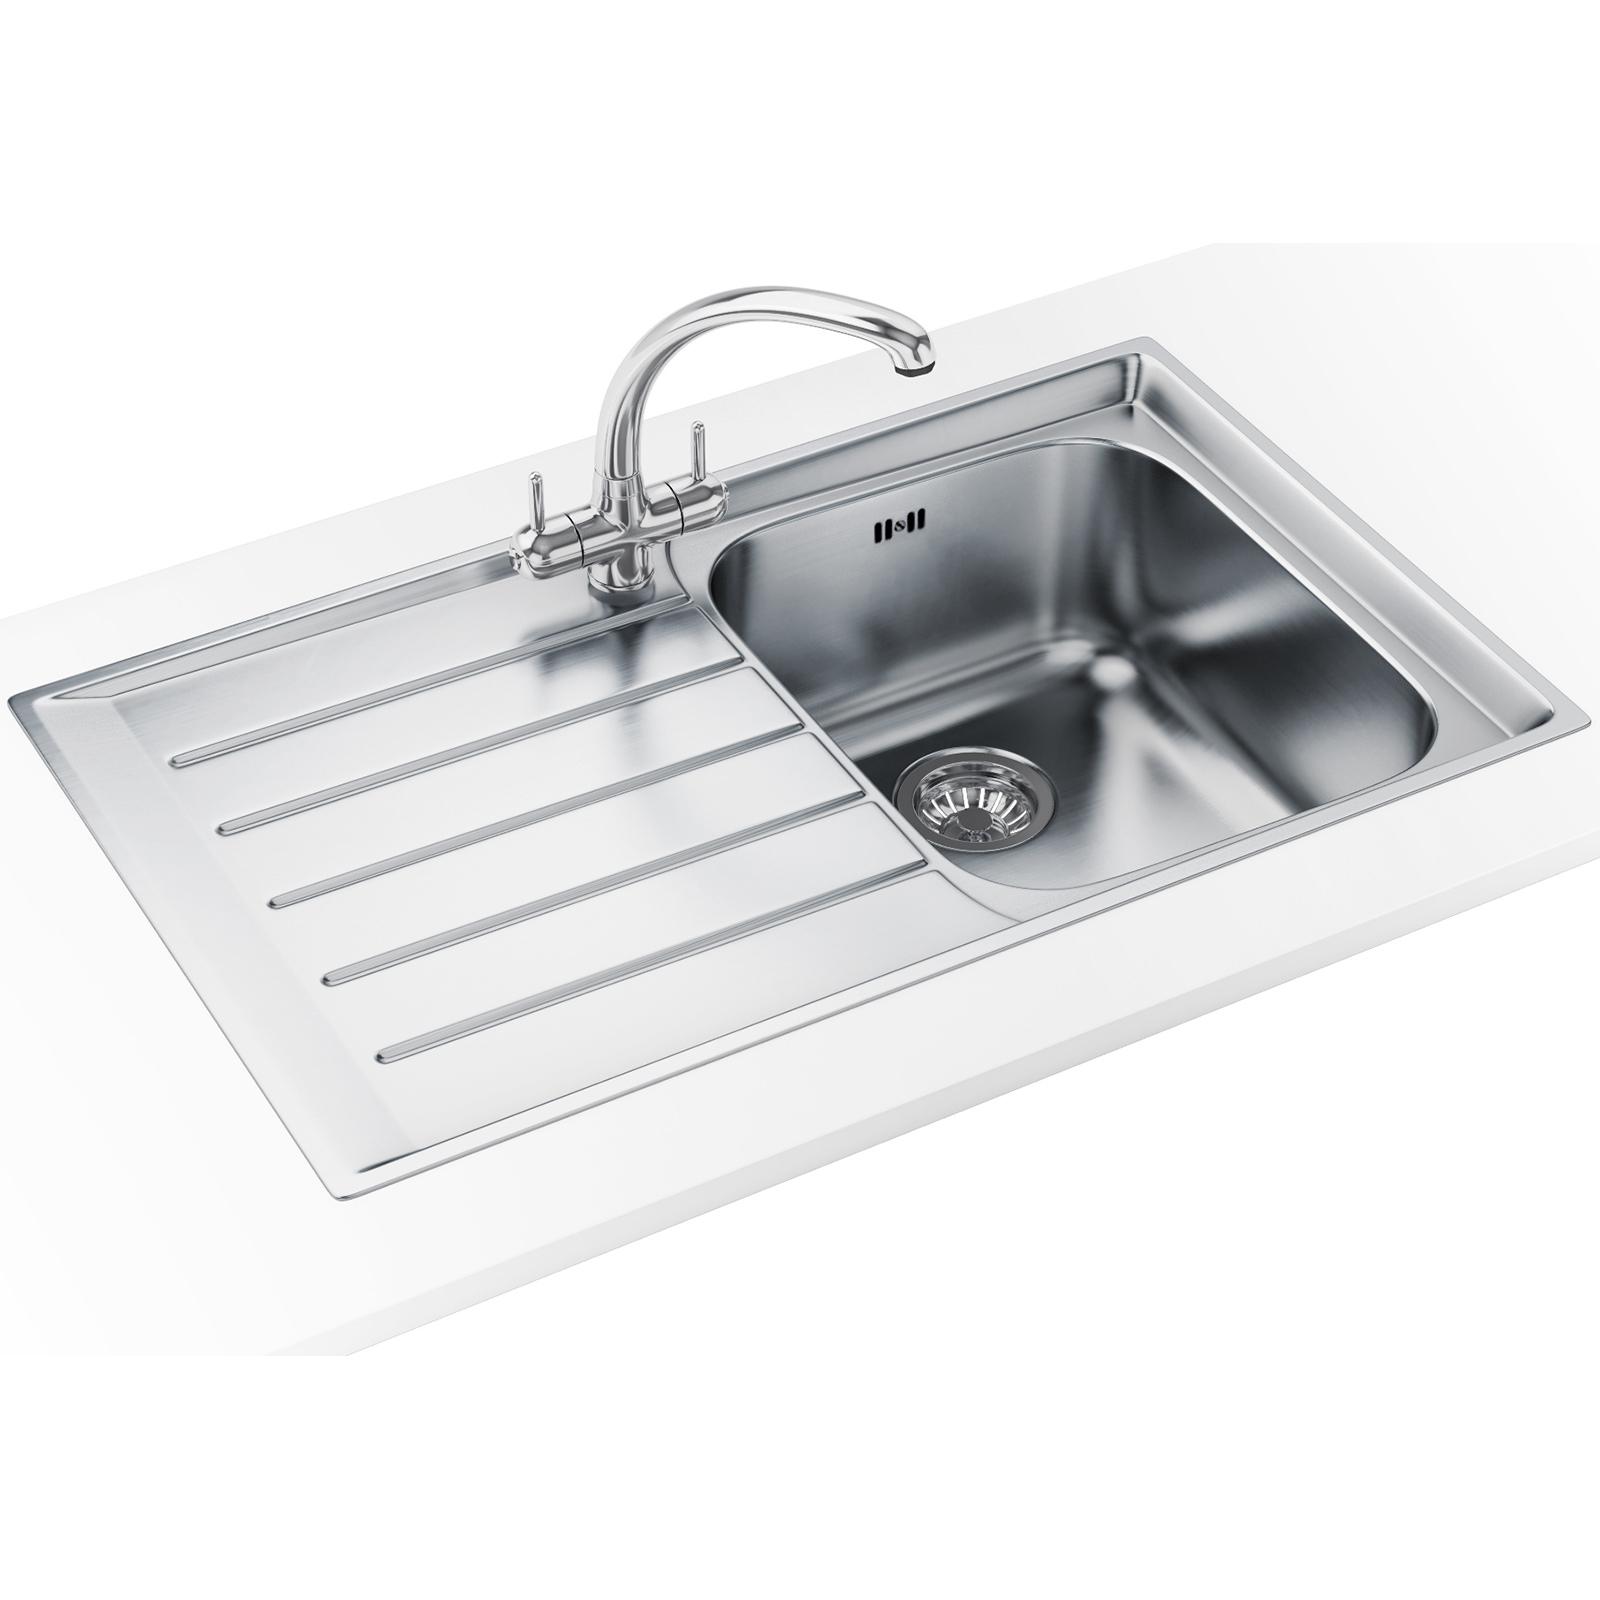 franke neptune nex 211 stainless steel left hand drainer inset sink - Franke Sink